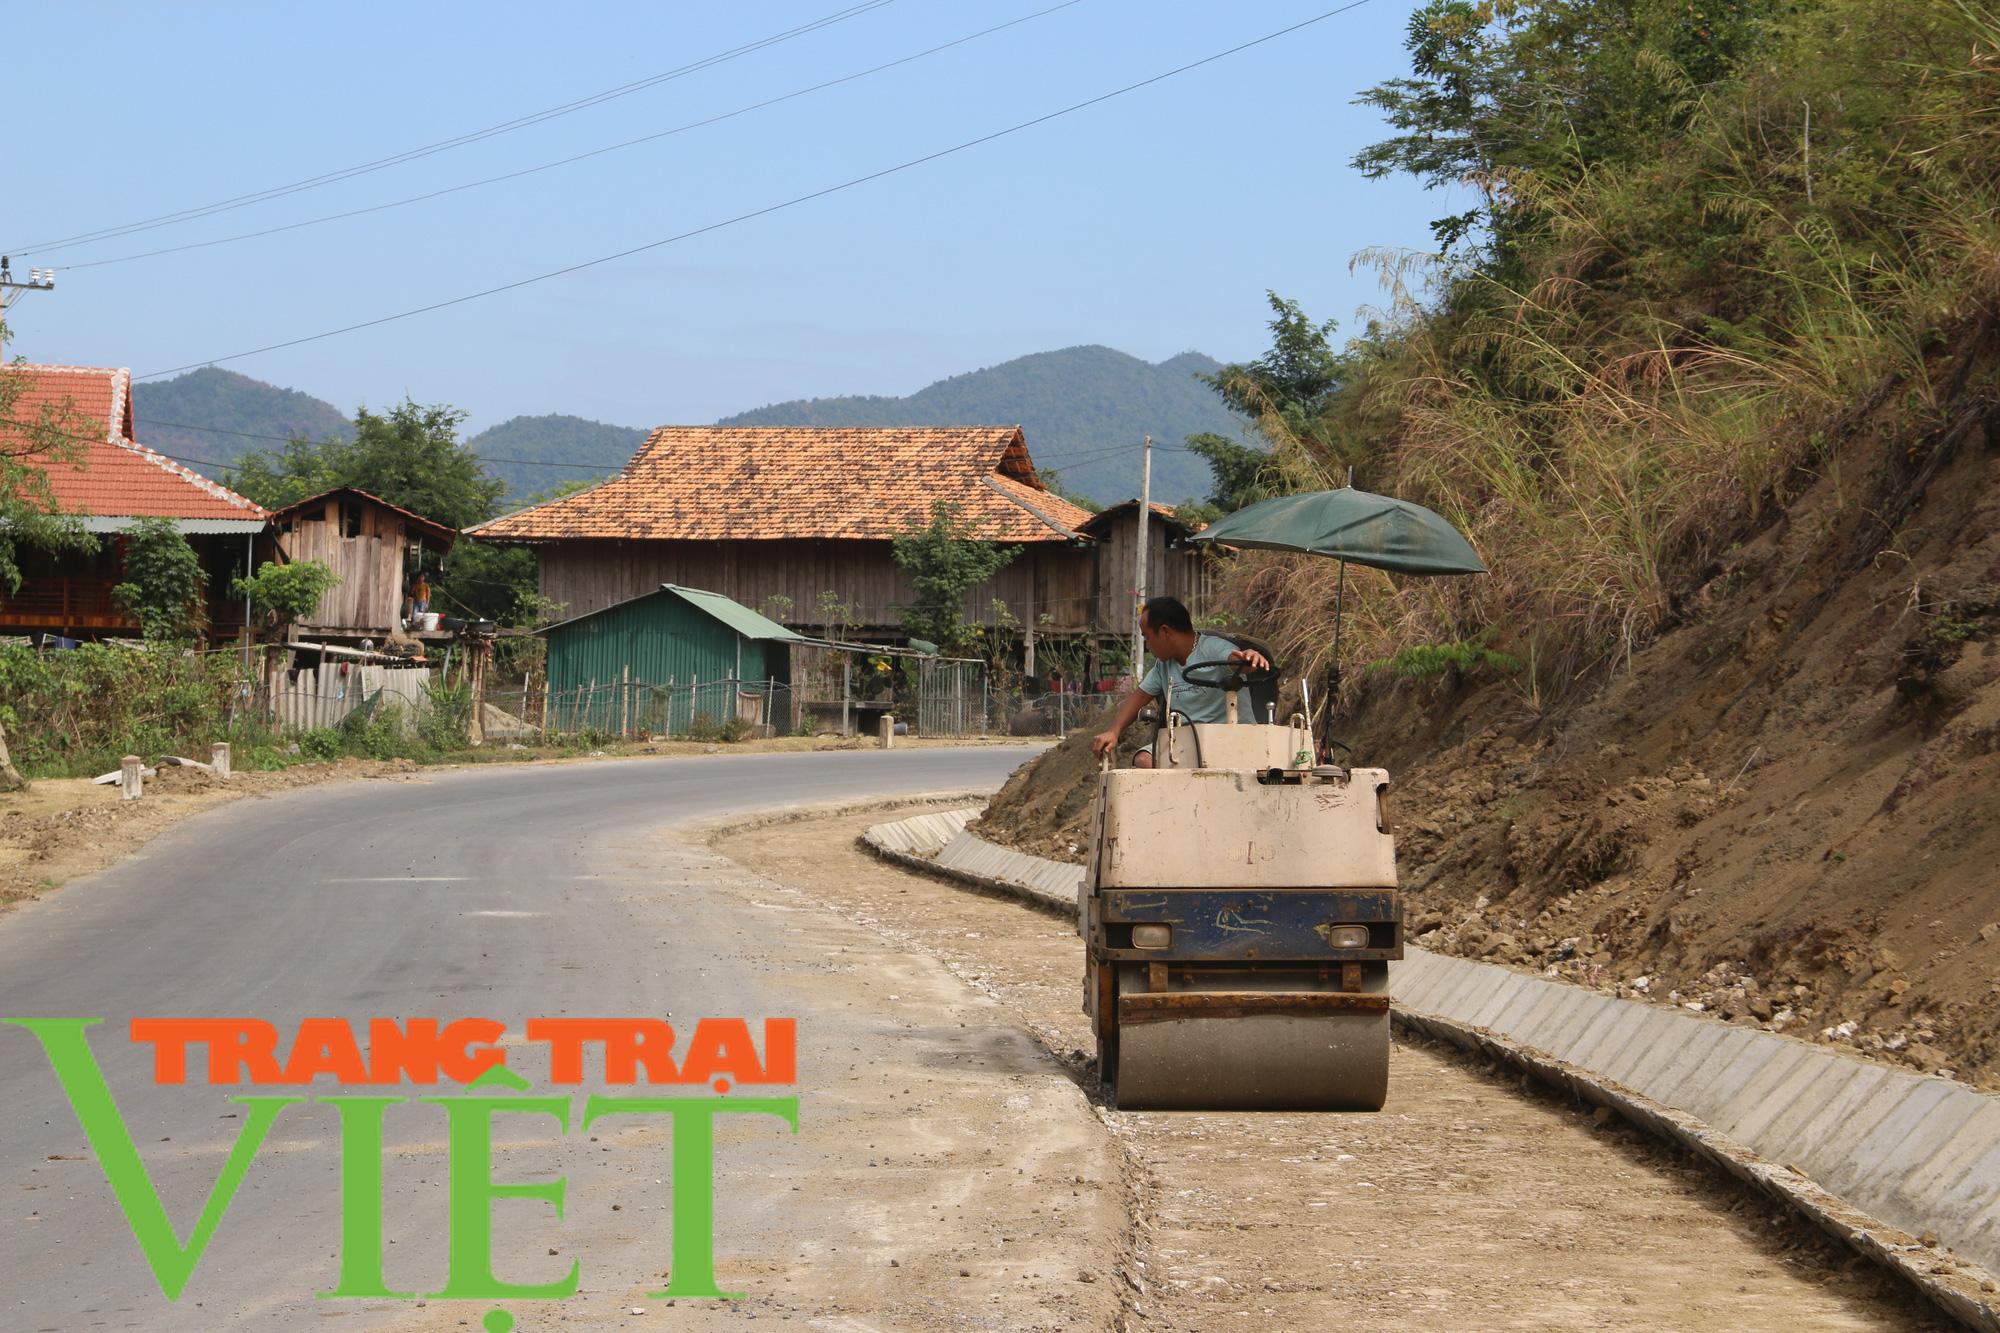 Quỳnh Nhai: Niềm vui trên những con đường nông thôn mới - Ảnh 1.